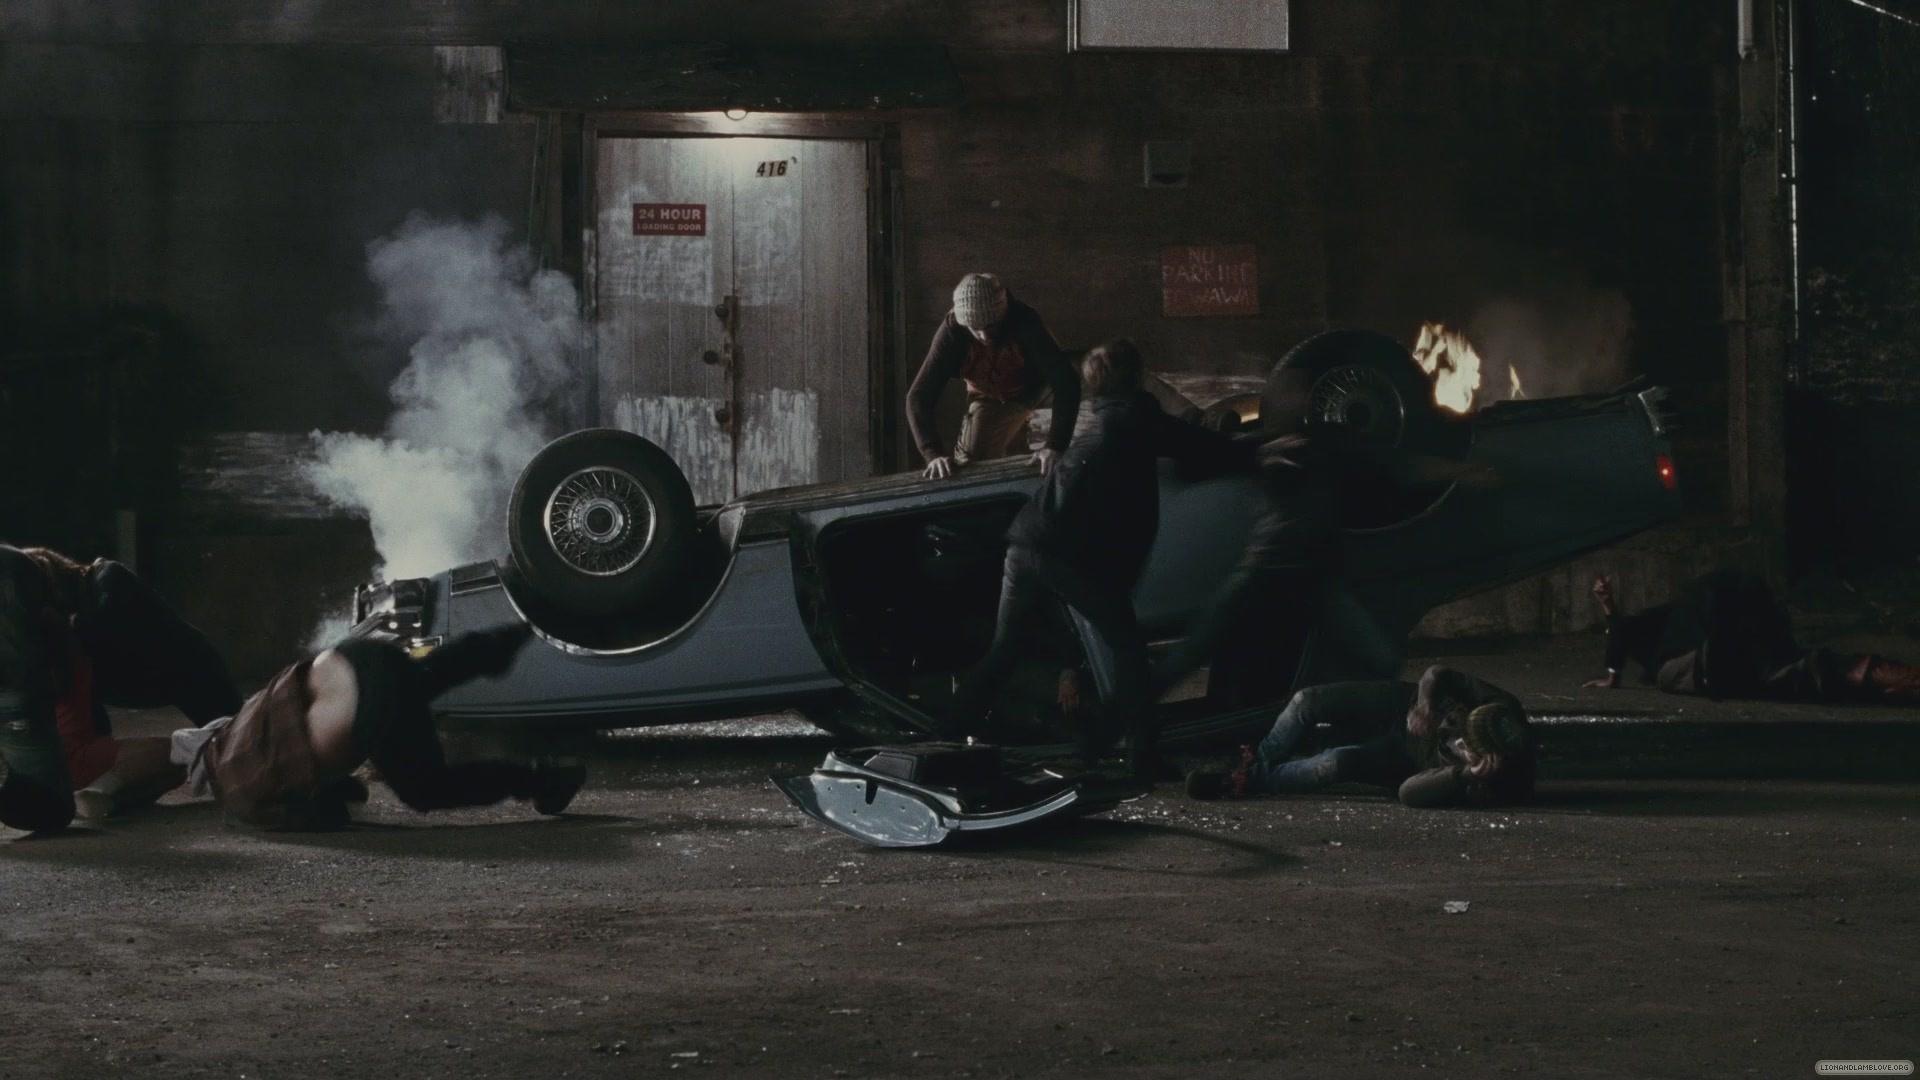 Car Crash Wallpaper 62 images 1920x1080